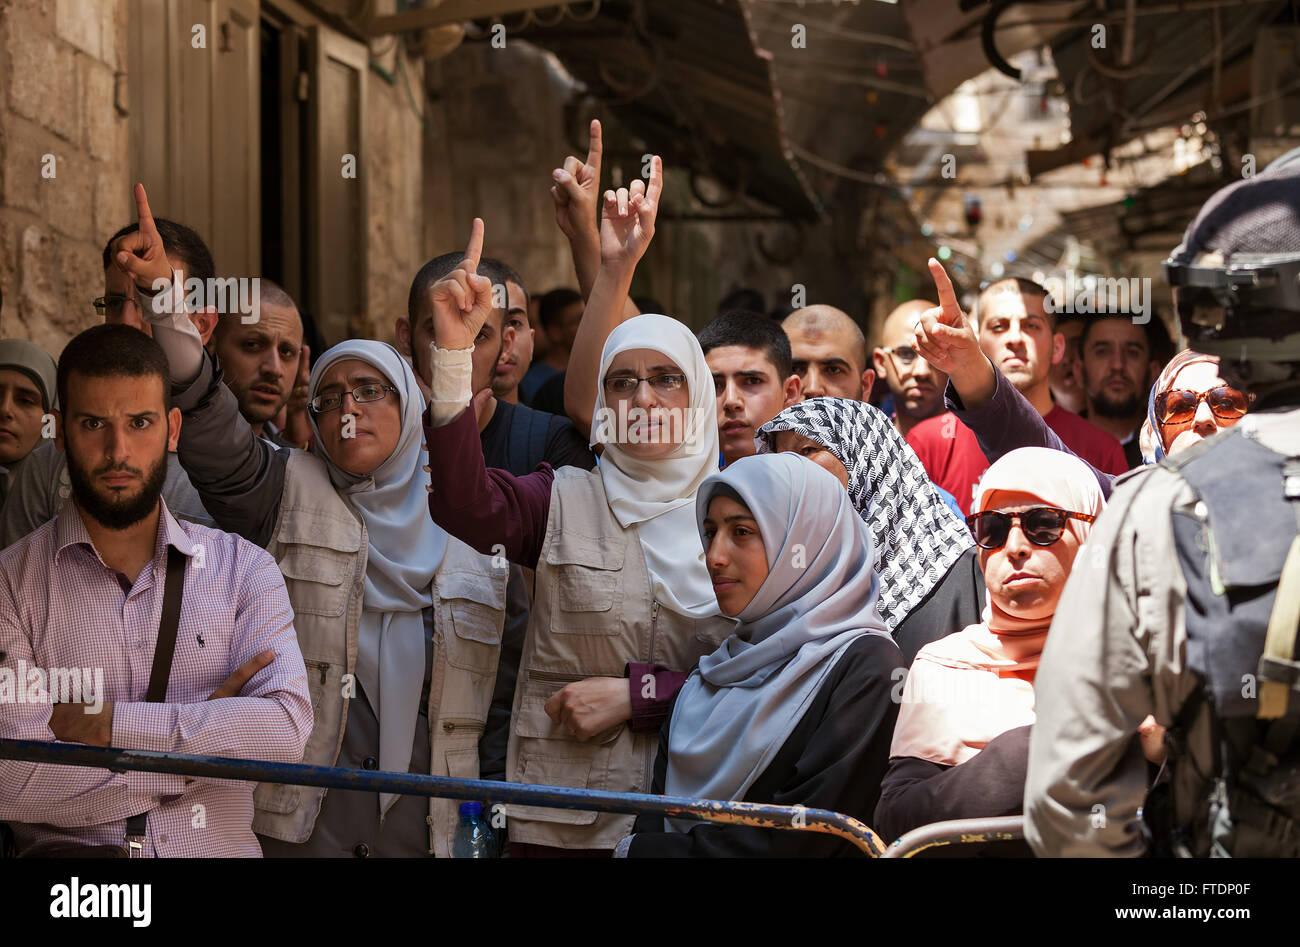 Palästinenser Protest in der Altstadt von Jerusalem gegen die Besteigung des religiösen Juden zum Tempelberg Stockbild